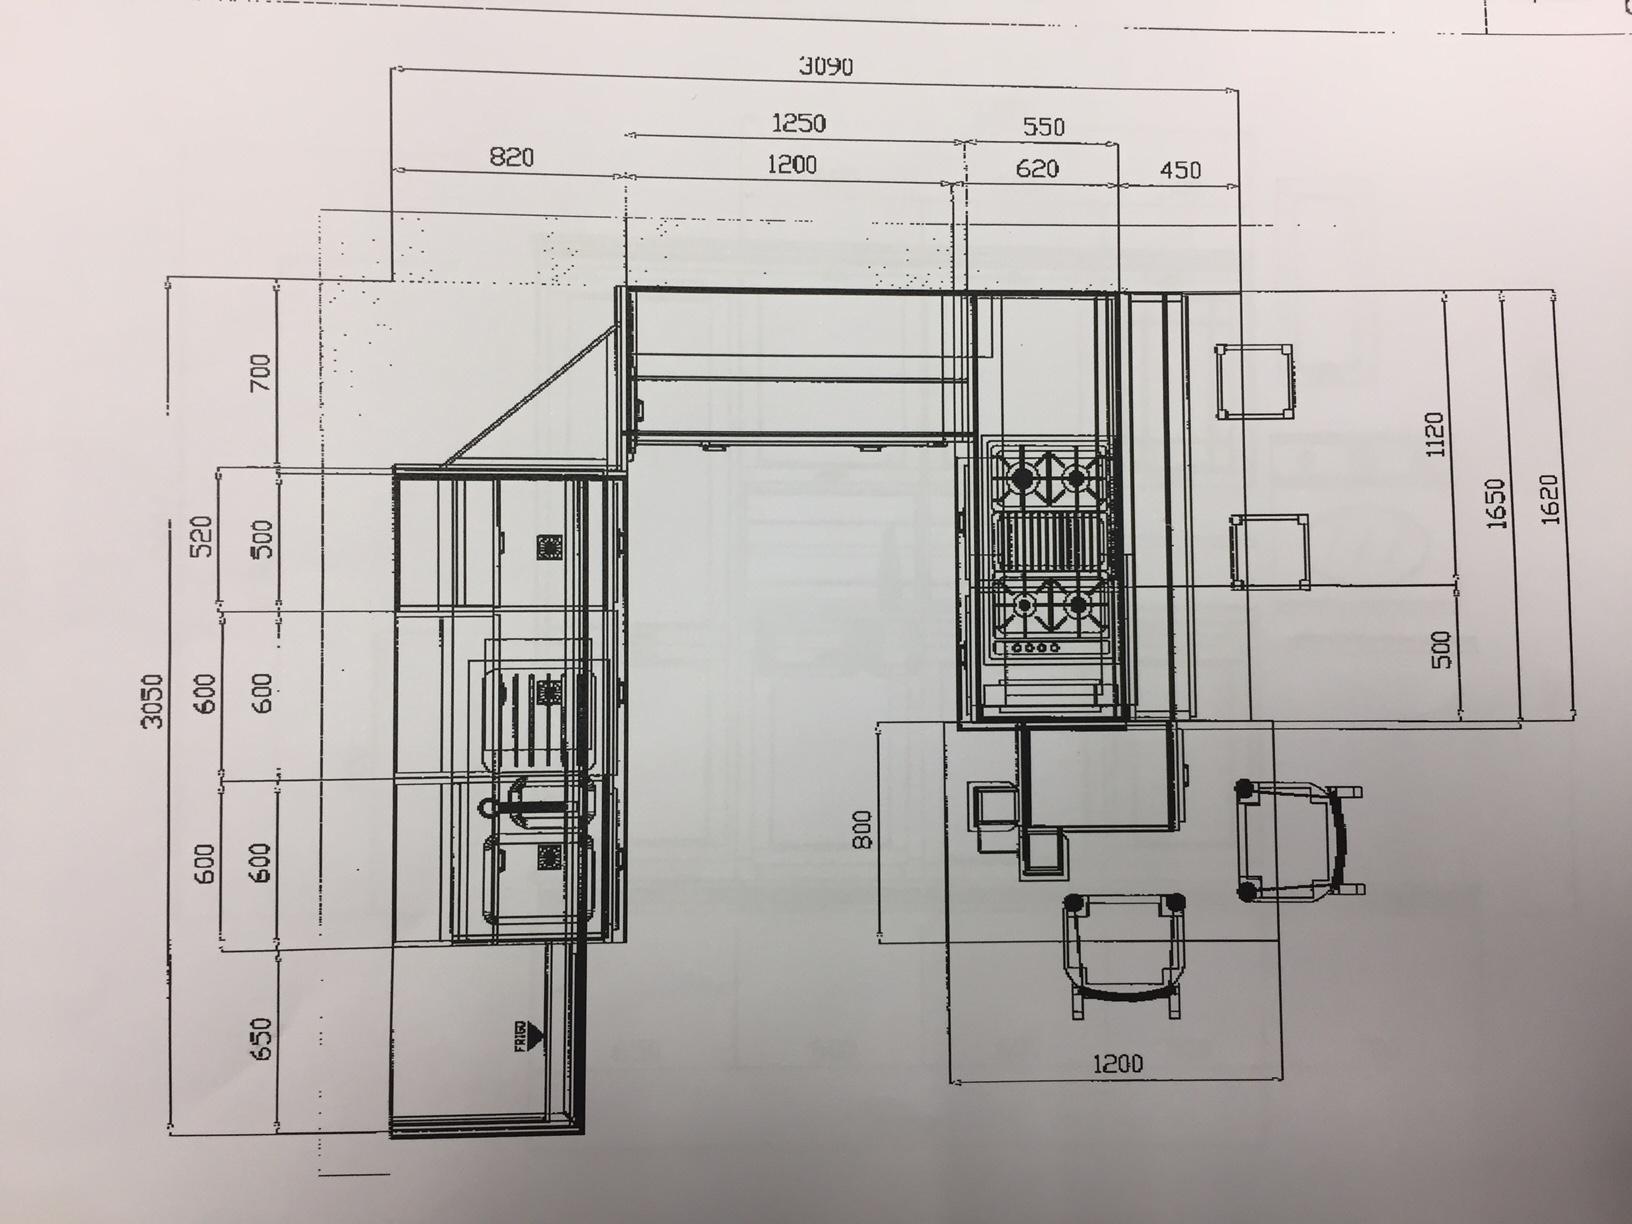 Zappalorto cucina terre di toscana design legno larice - Misure penisola cucina ...